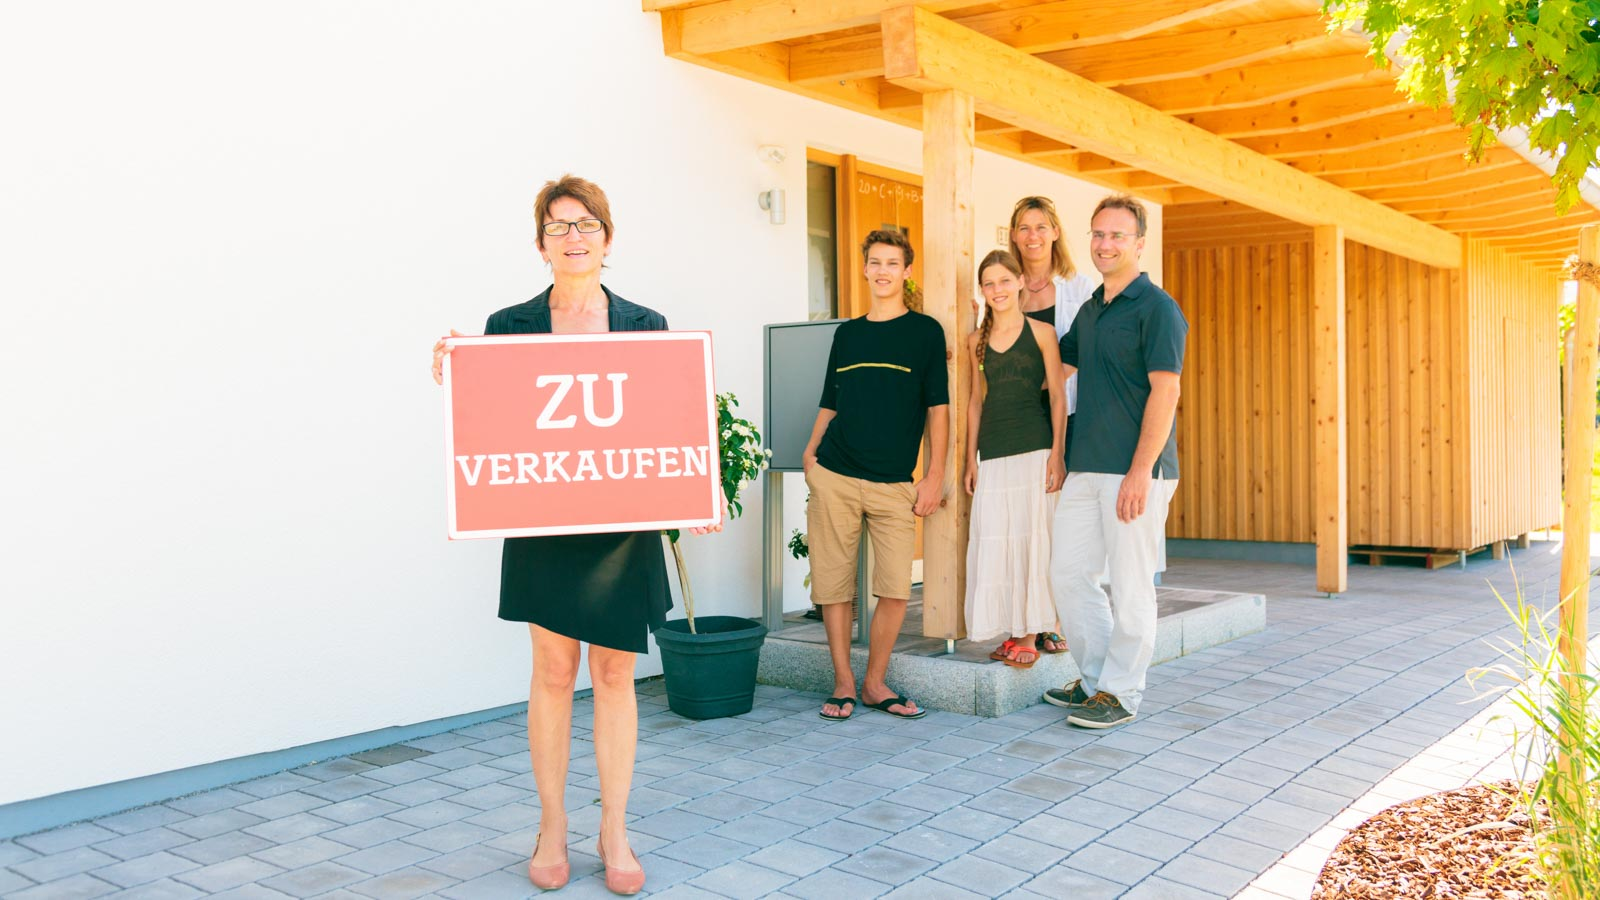 Maklerin mit ZU verkaufen-Schild vor einer jungen Familie am Hauseingang